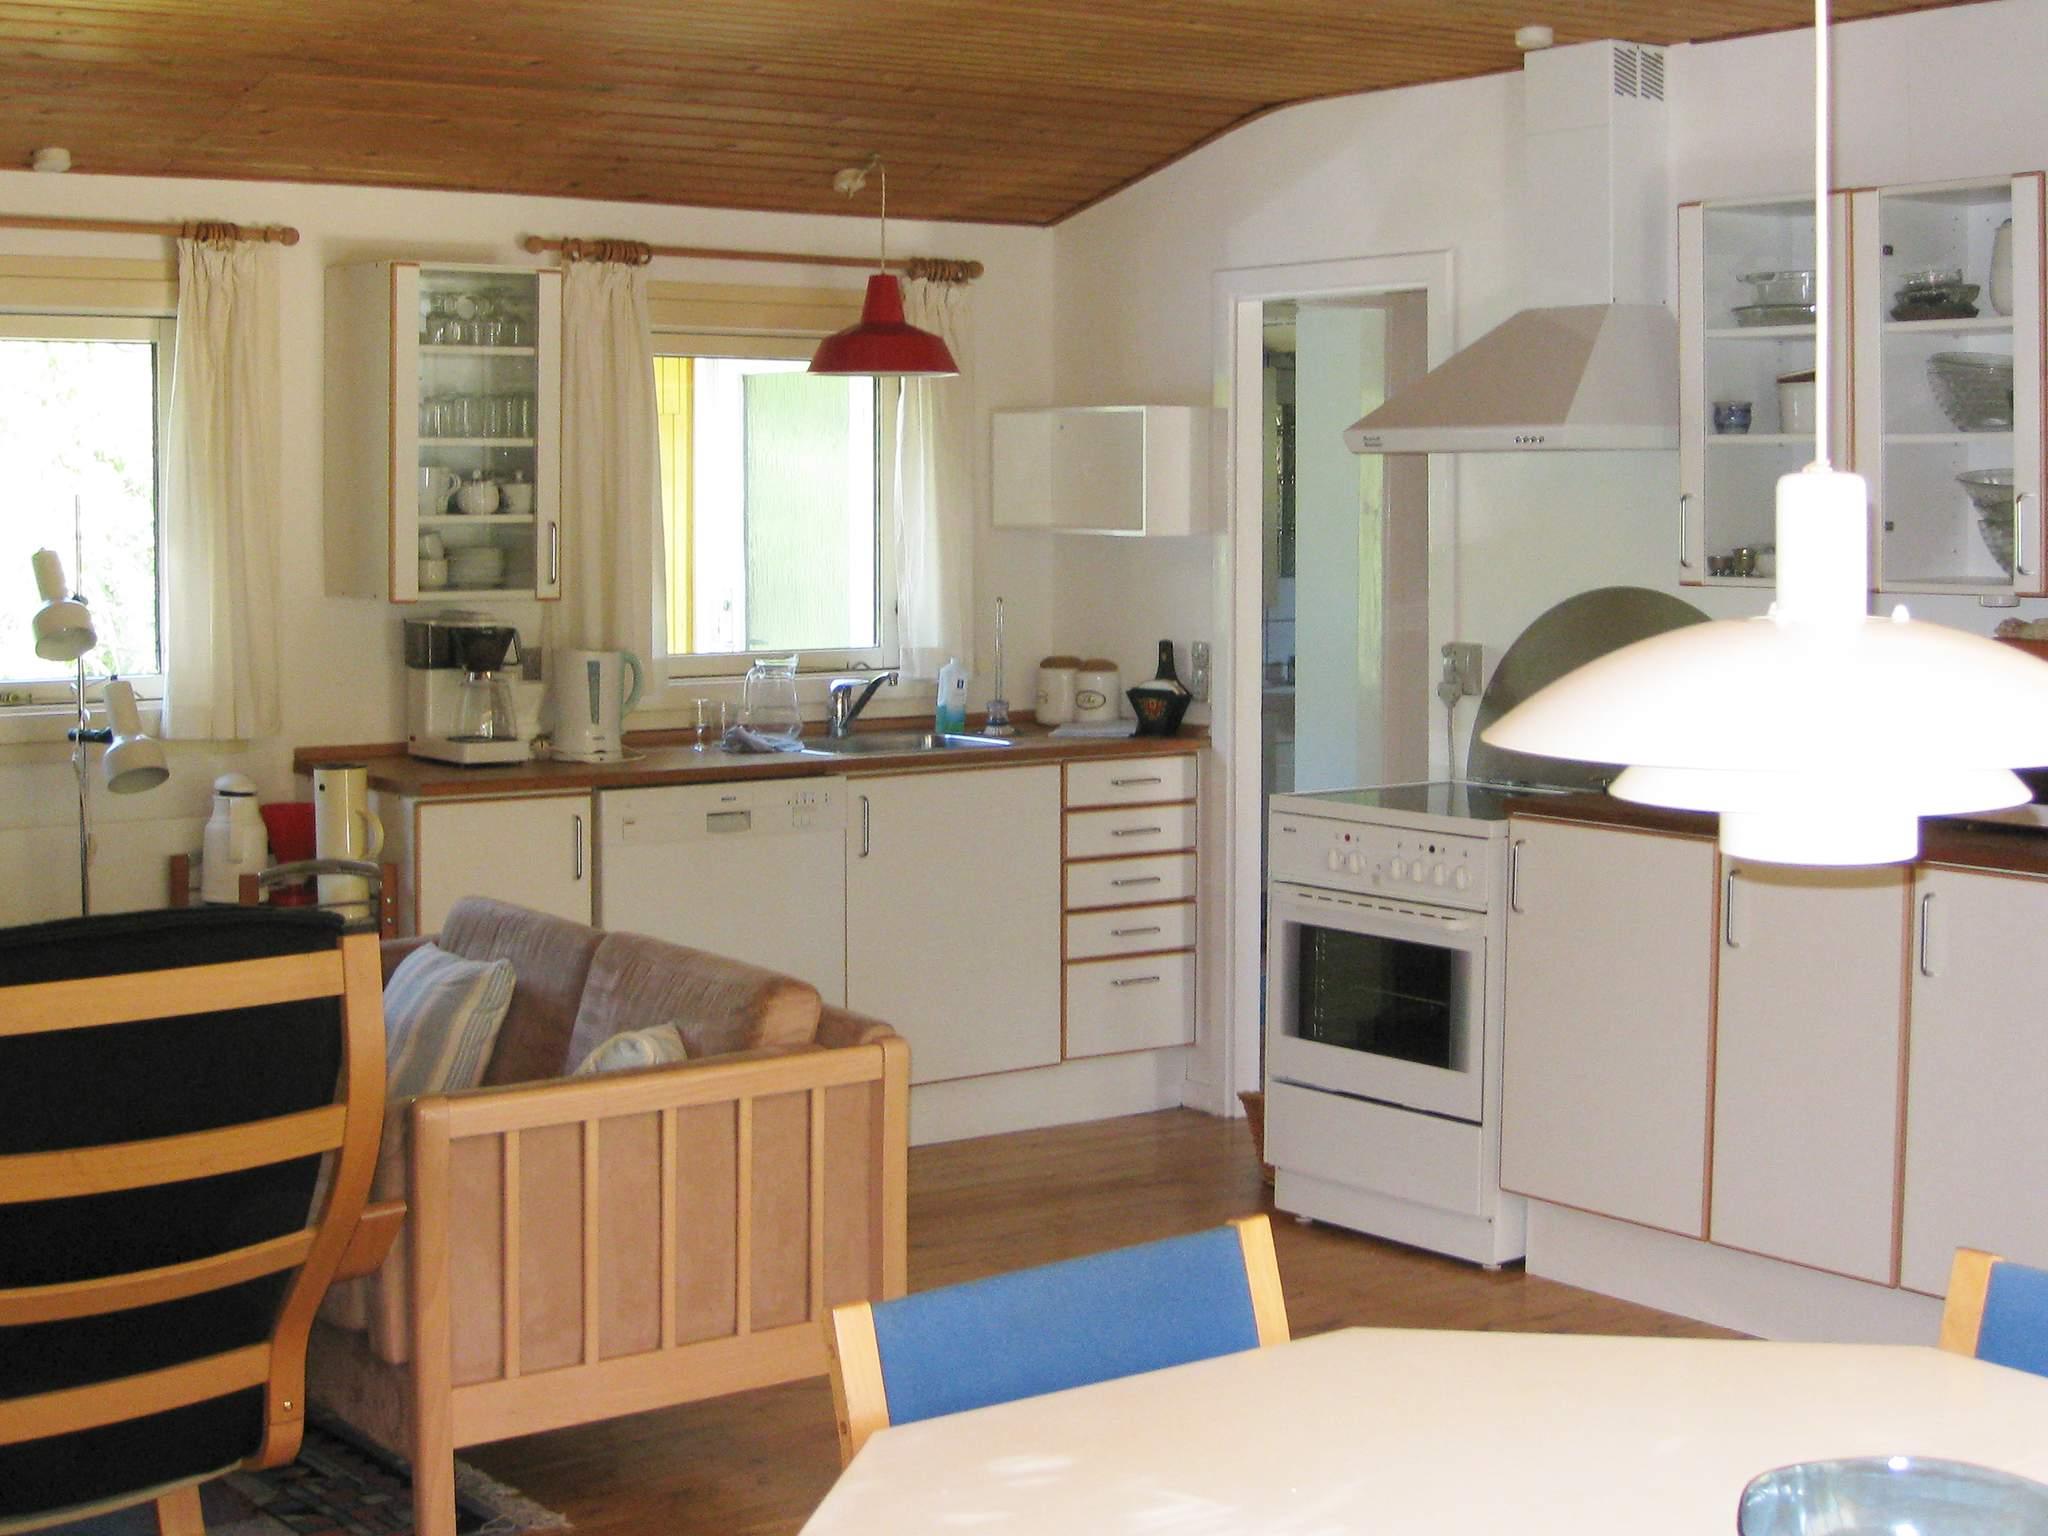 Maison de vacances Hummingen (85638), Hummingen, , Lolland, Danemark, image 2